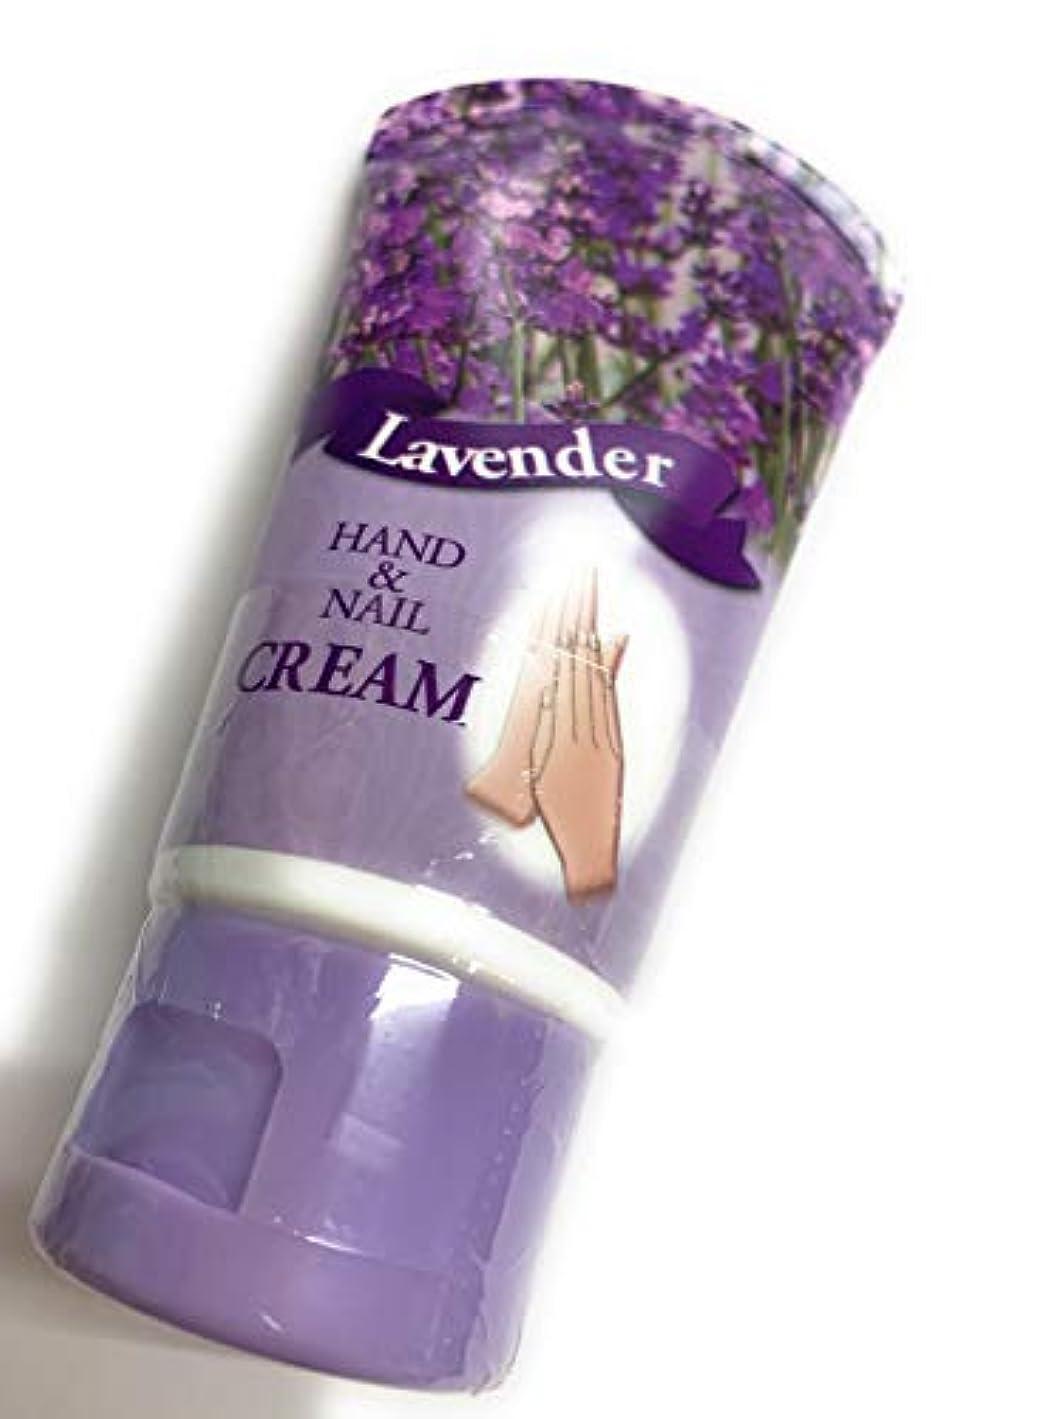 失世紀粘土ラベンダーの香り?Lavender ハンド&ネイルクリーム